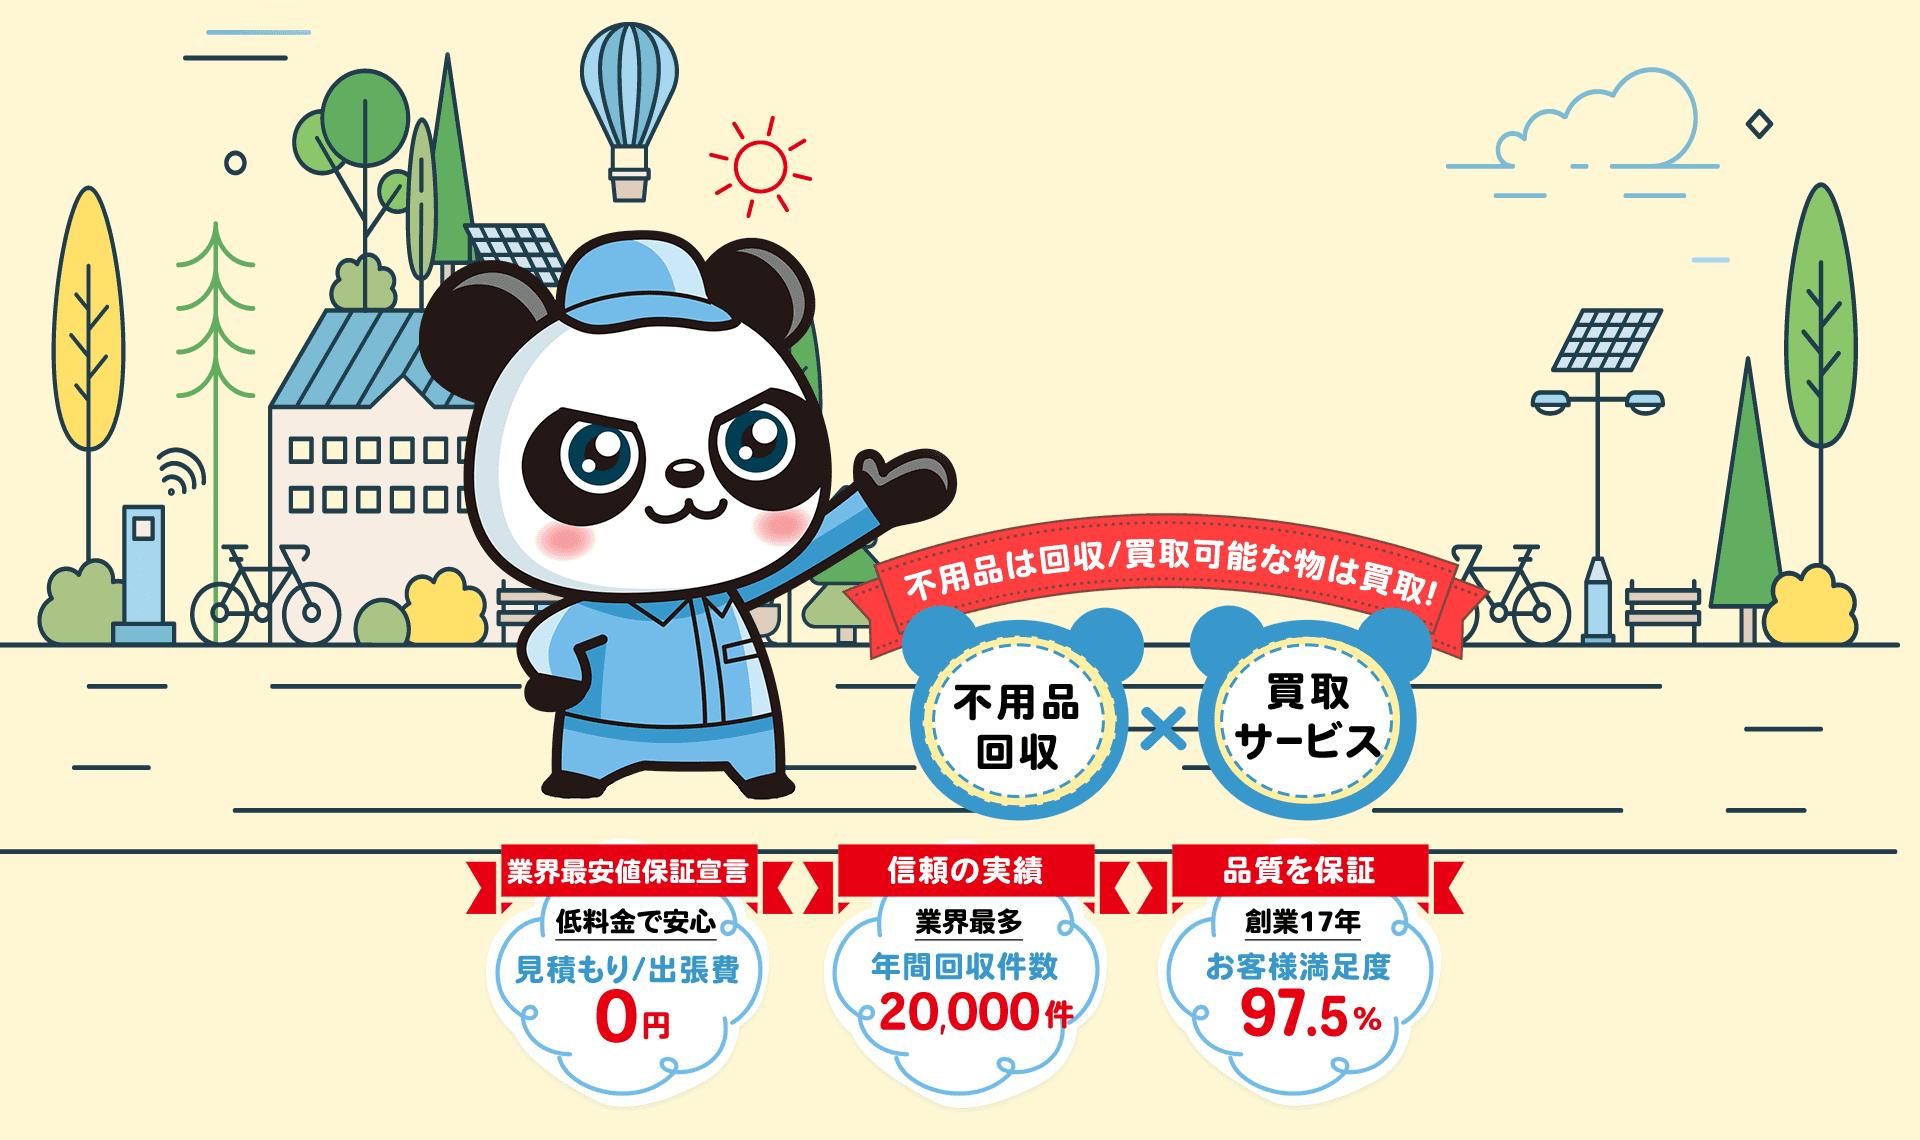 地域密着型の不用品回収業者の「不用品回収ルート」他社より1円でも高い場合は、お申し付け下さい!